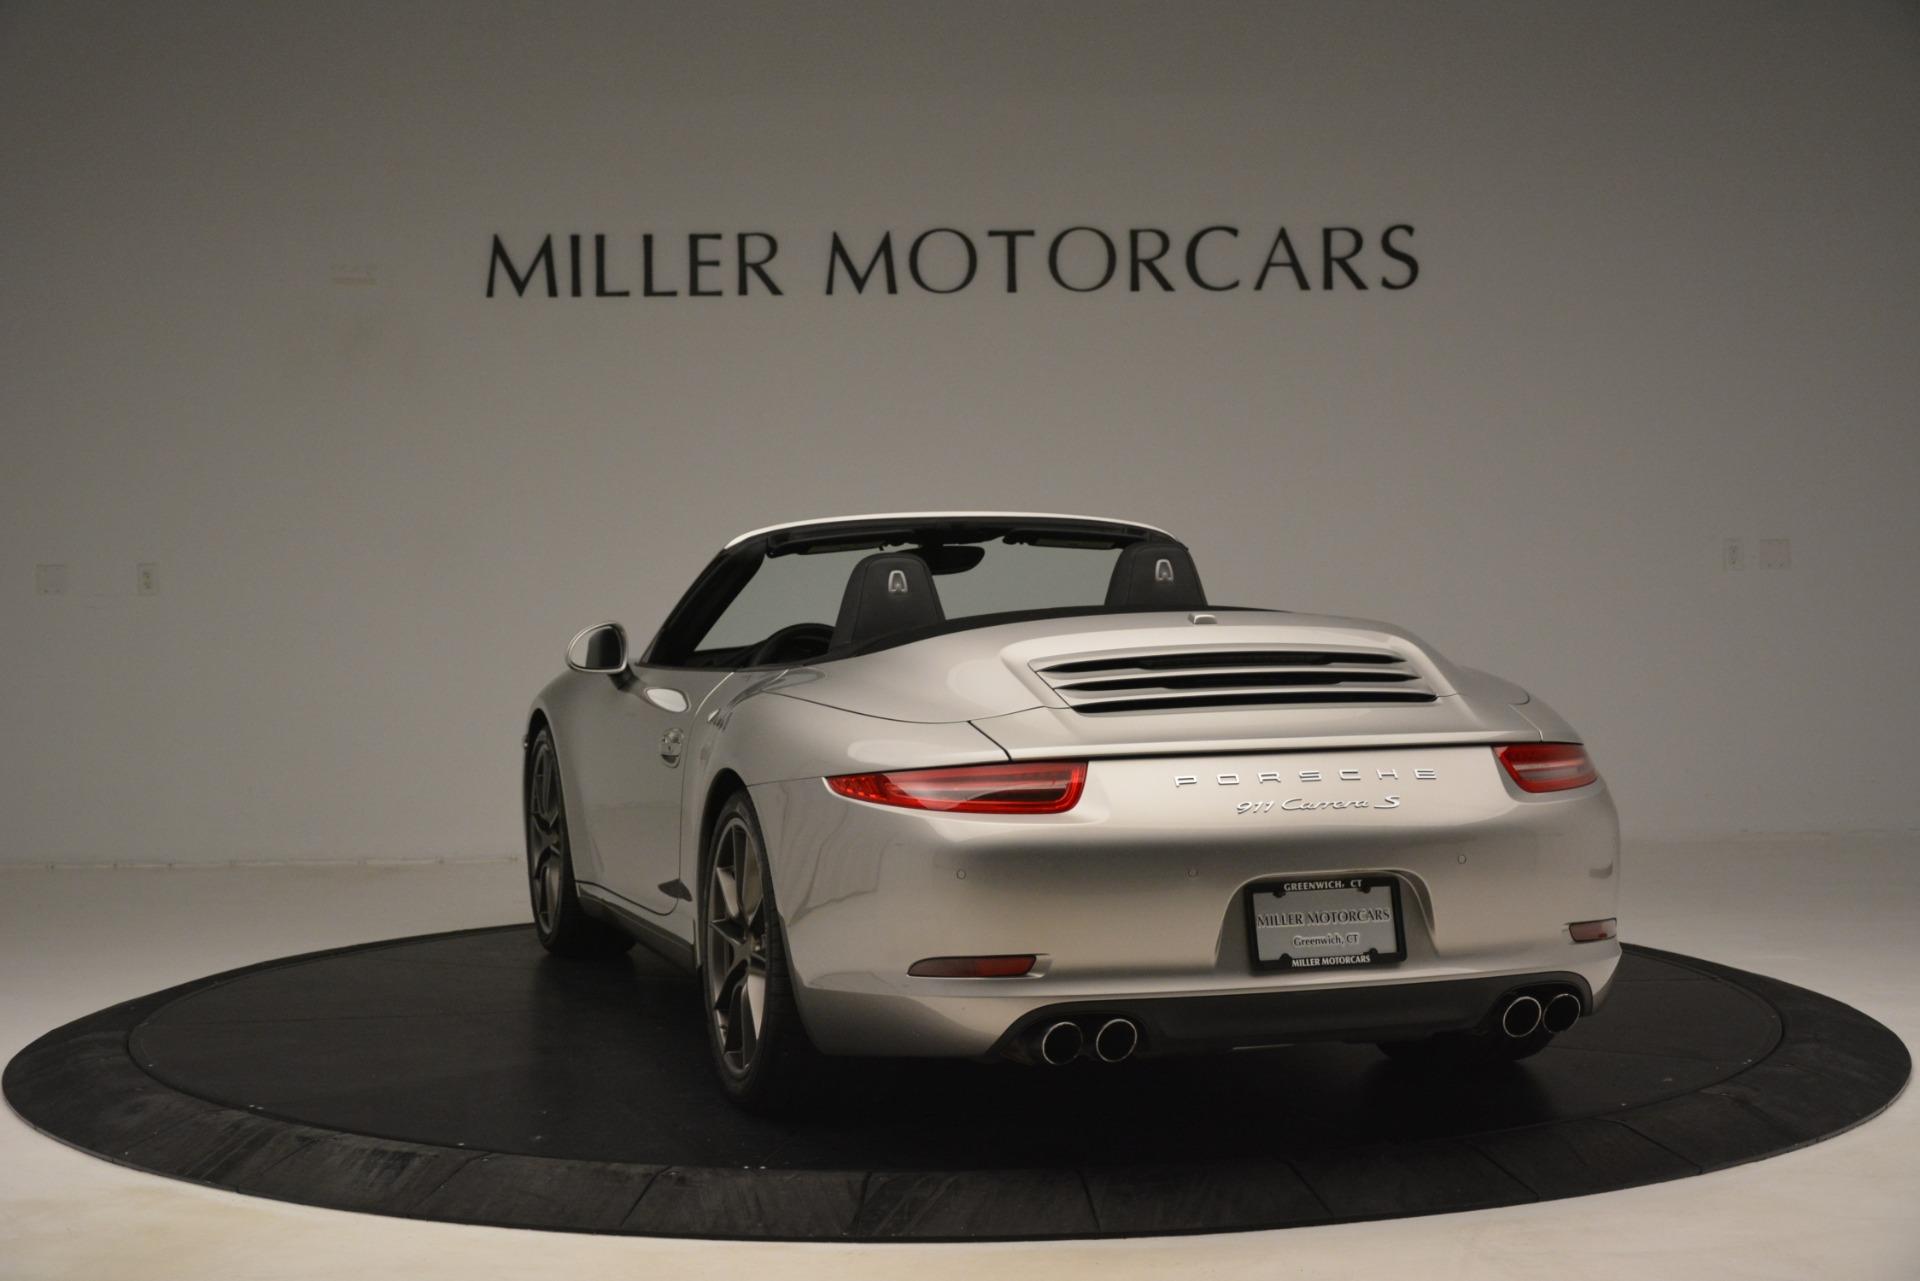 Used 2013 Porsche 911 Carrera S For Sale In Greenwich, CT 3107_p5